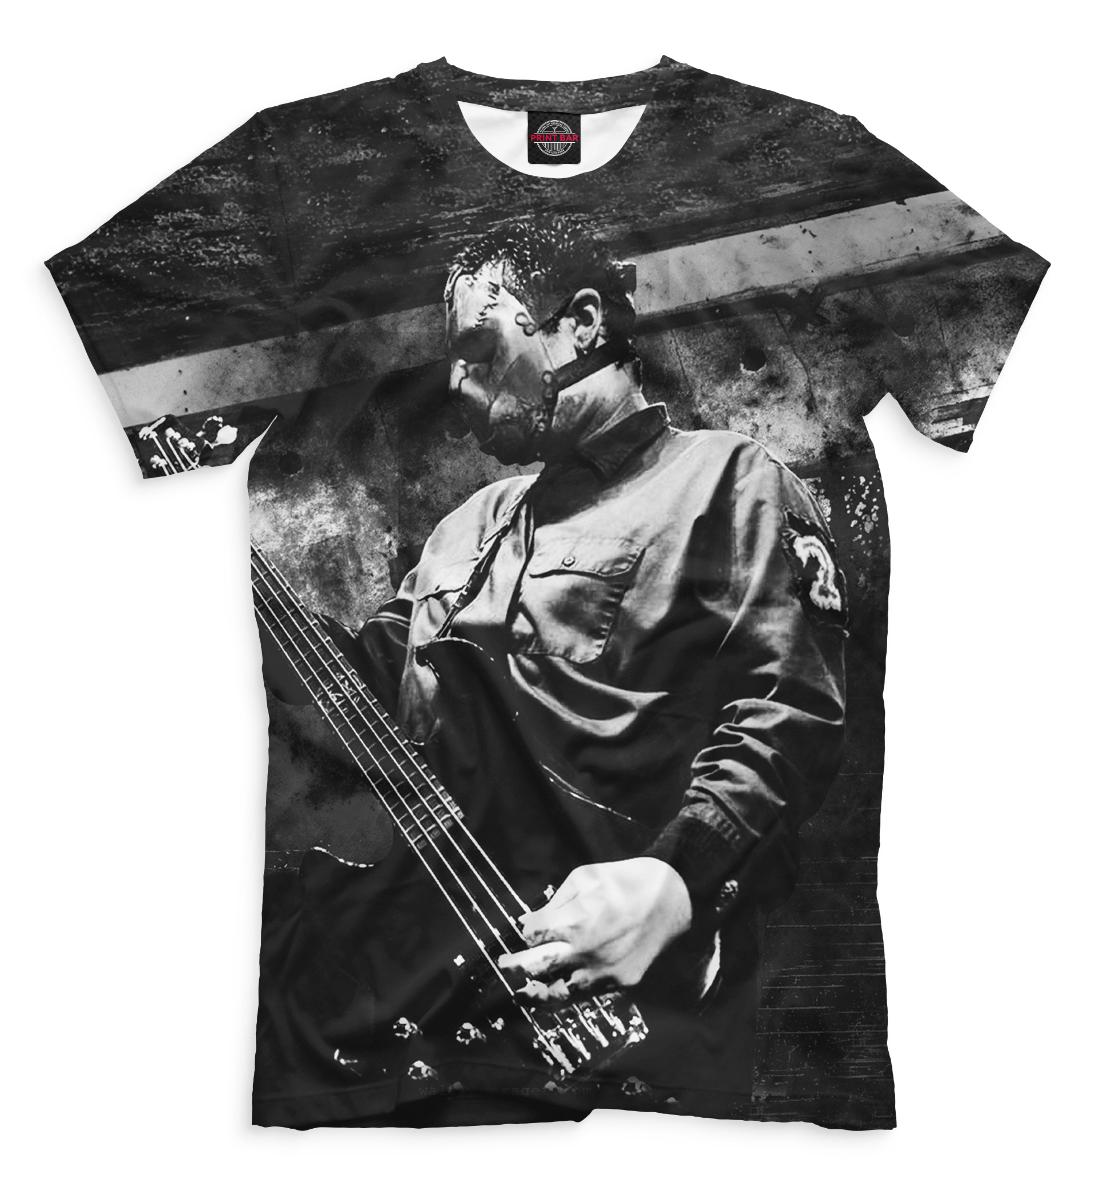 Купить Мужская футболка Slipknot SLI-655545-fut-2